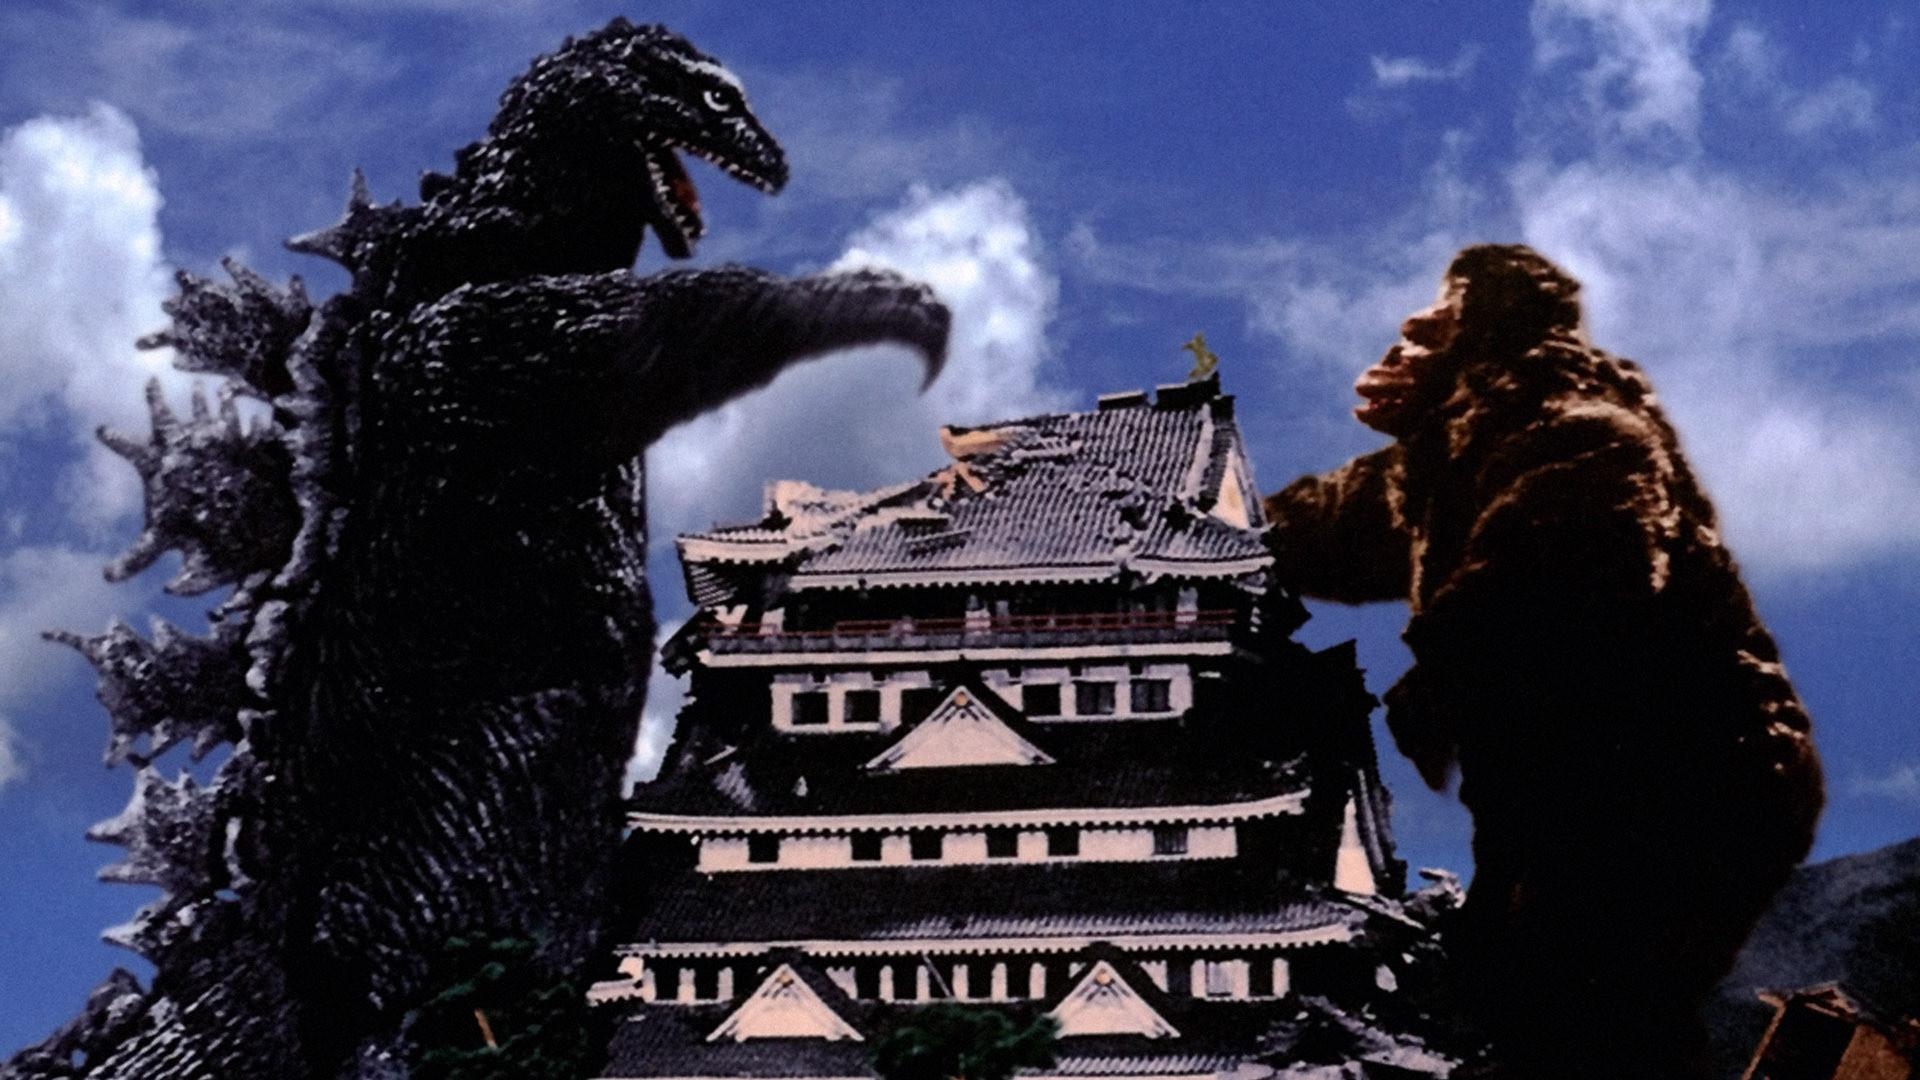 King King vs Godzilla